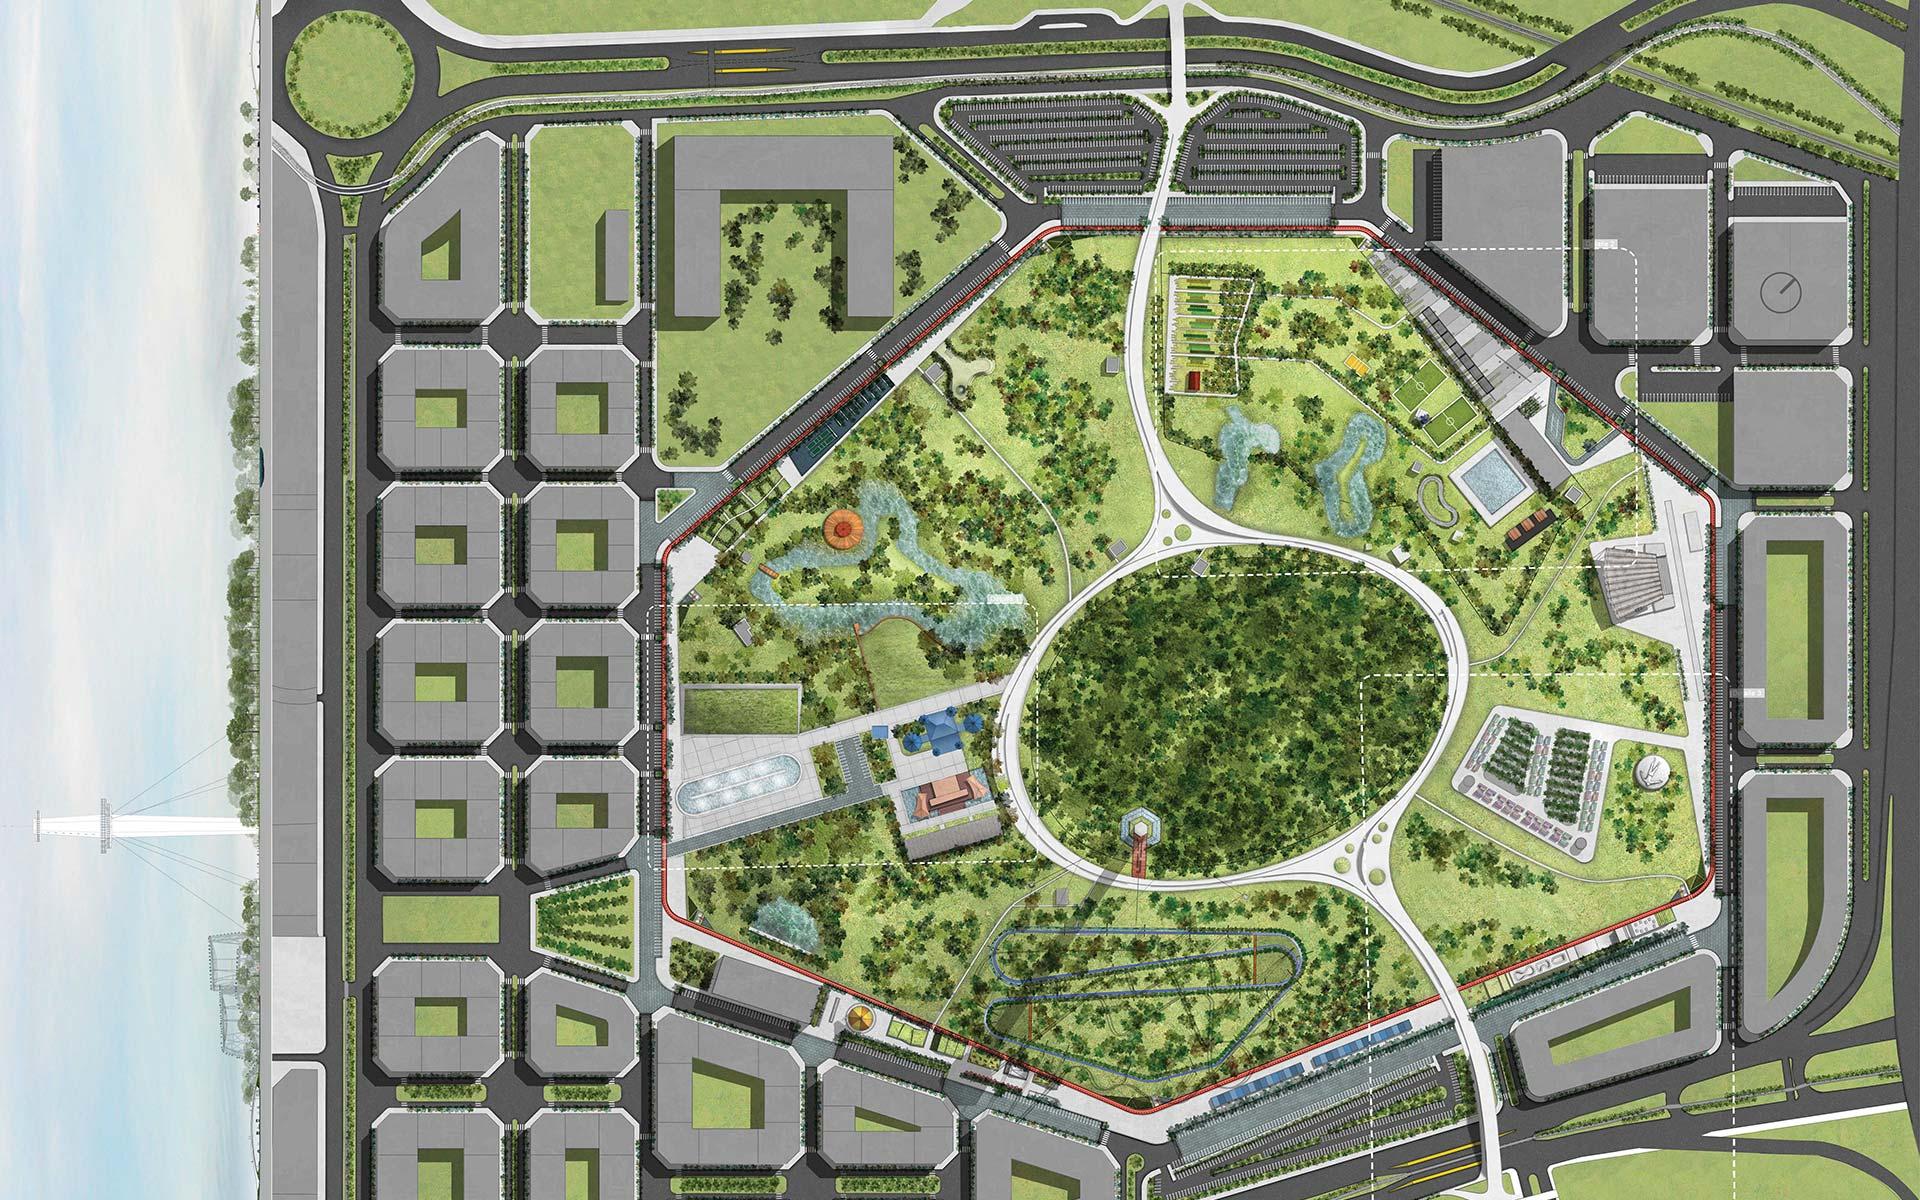 Arquitectura y Paisajismo Premio Dibujo en corte y planta del Concurso para el Parque de la Ciudad